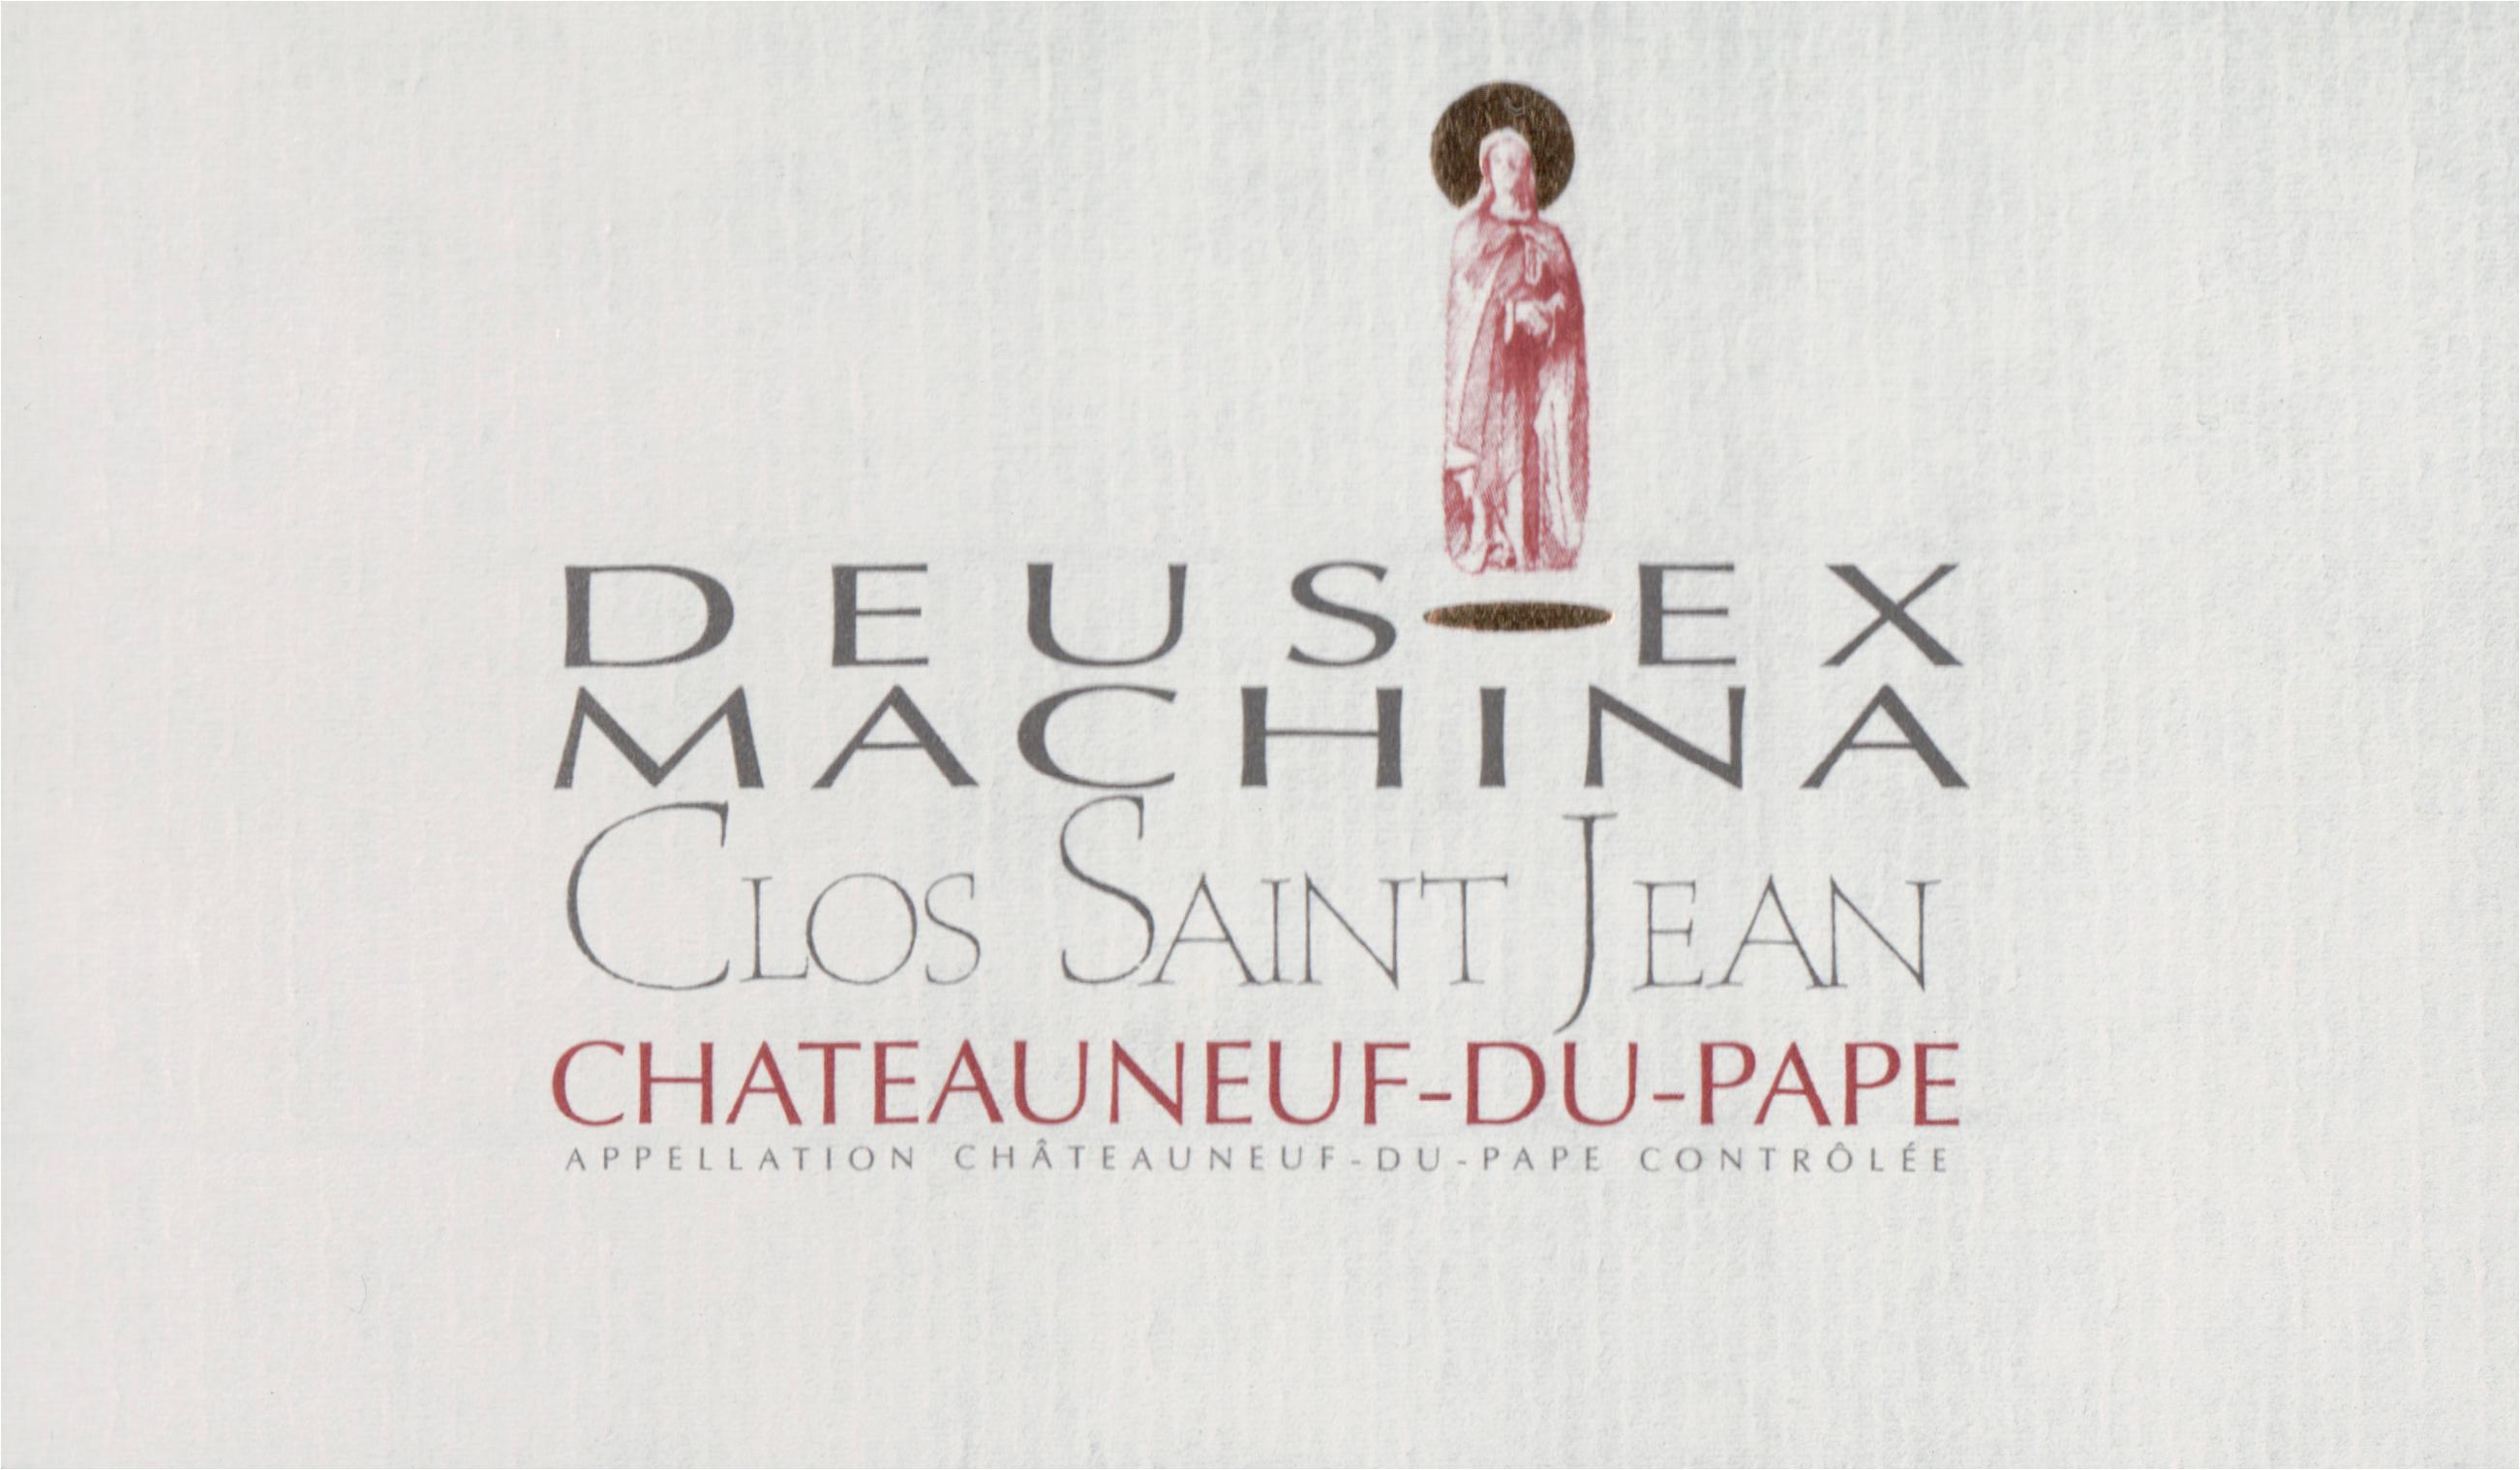 Clos St. Jean Deus Ex Machina Chateauneuf Du Pape 2018